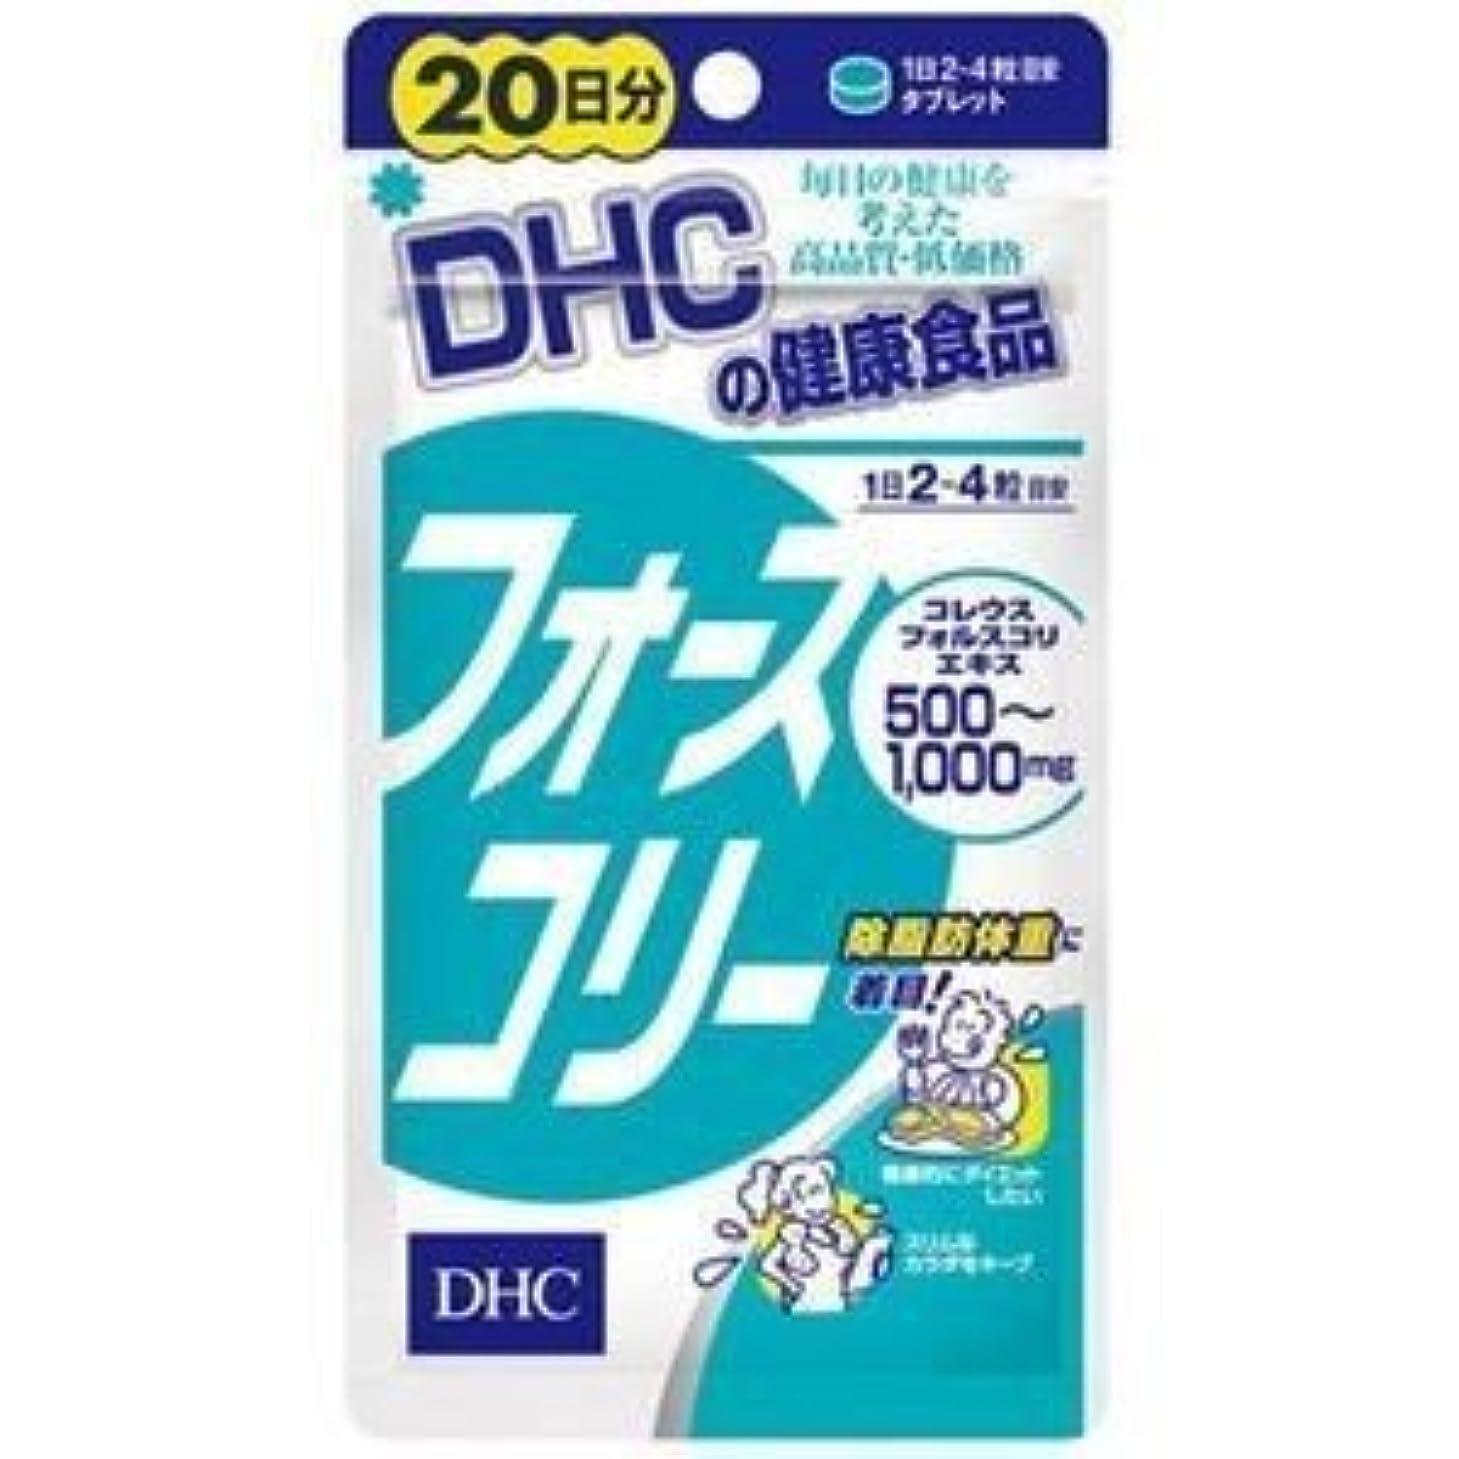 忌み嫌う強大ないとこDHC フォースコリー 20日分 80粒